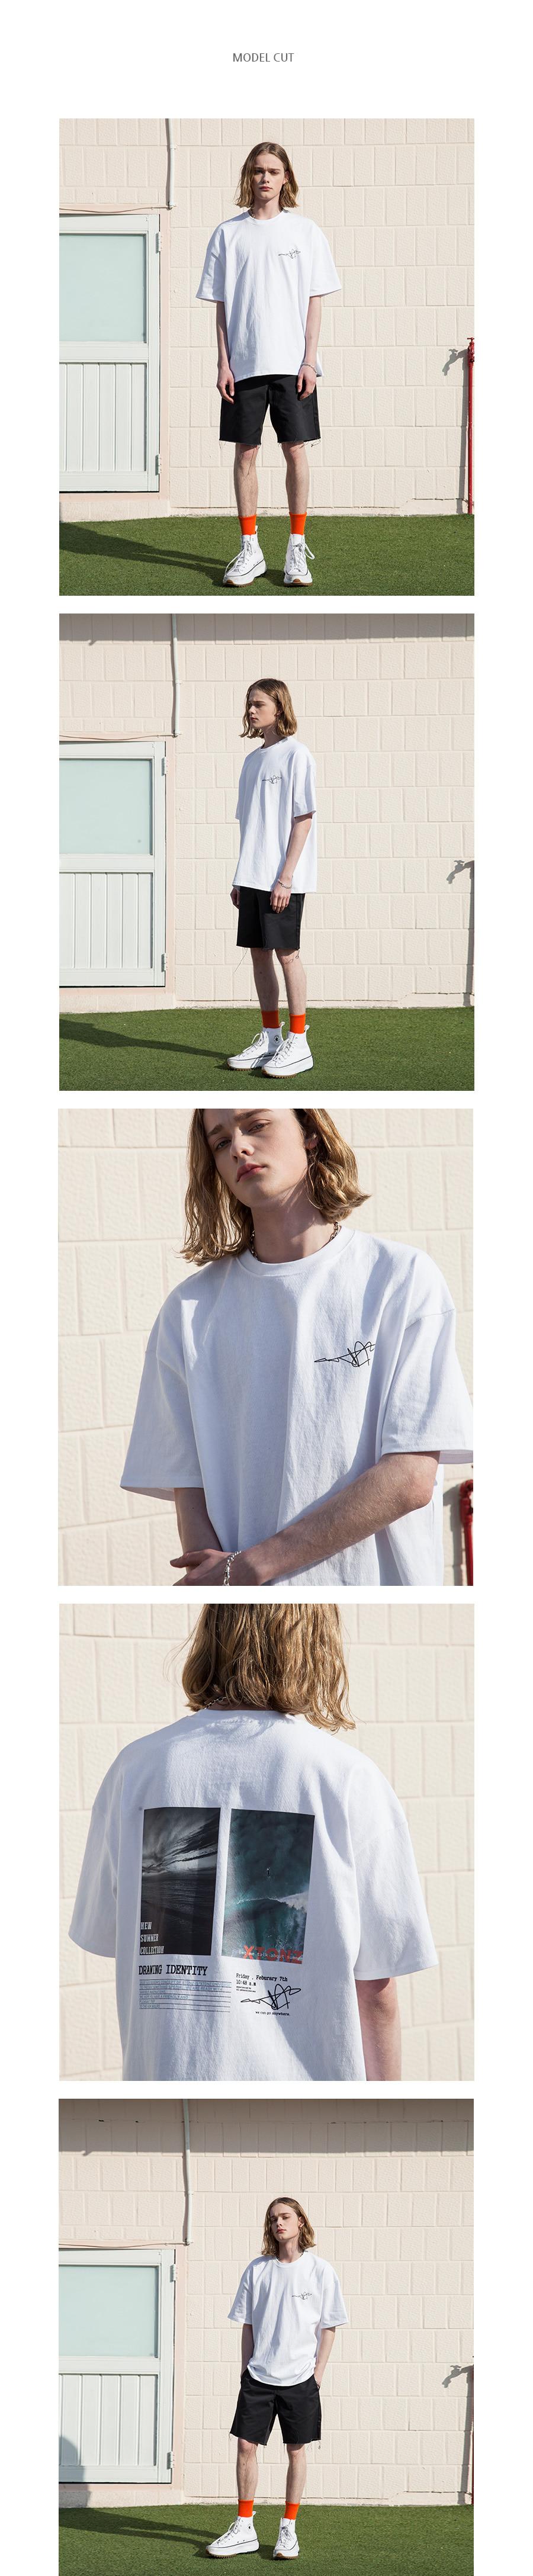 XTT020 레트로 썸머 반팔 티셔츠 (WHITE)